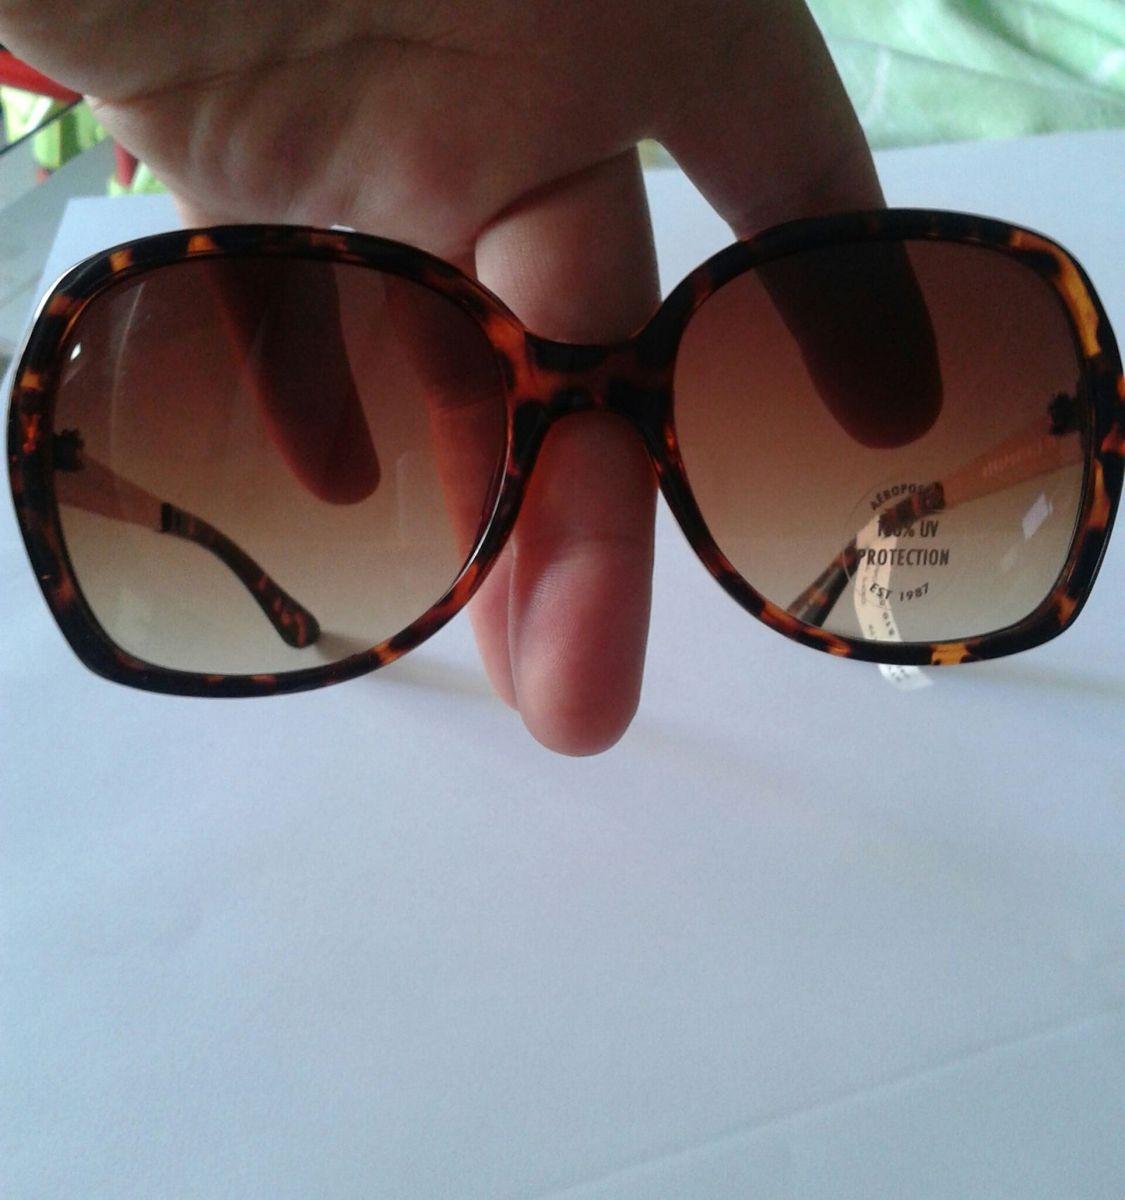 óculos escuro - óculos aeropostale.  Czm6ly9wag90b3muzw5qb2vplmnvbs5ici9wcm9kdwn0cy81oty3odq2lzyzmzg5yzi4ogrlmgu5mdk5zdk1nwzjndcwnji5y2i1lmpwzw  ... 8c26fdc5e0